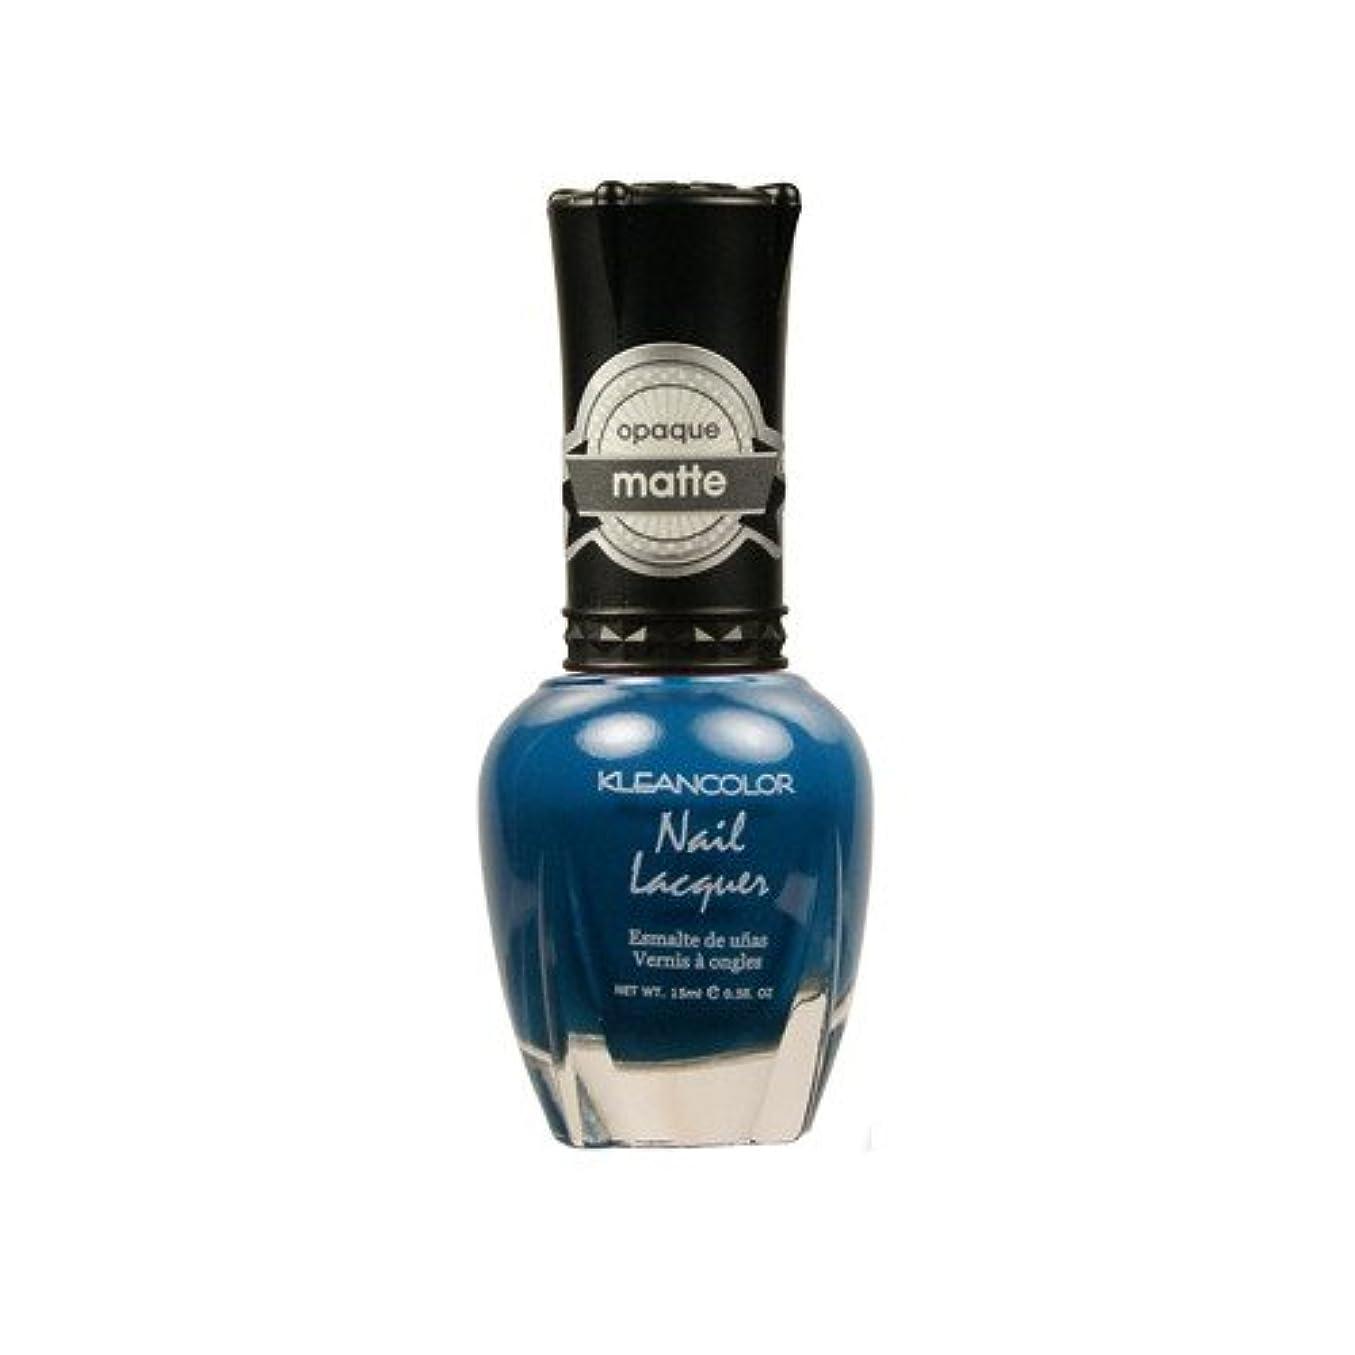 次ポイント規範(3 Pack) KLEANCOLOR Matte Nail Lacquer - Sensual Lagoon (並行輸入品)